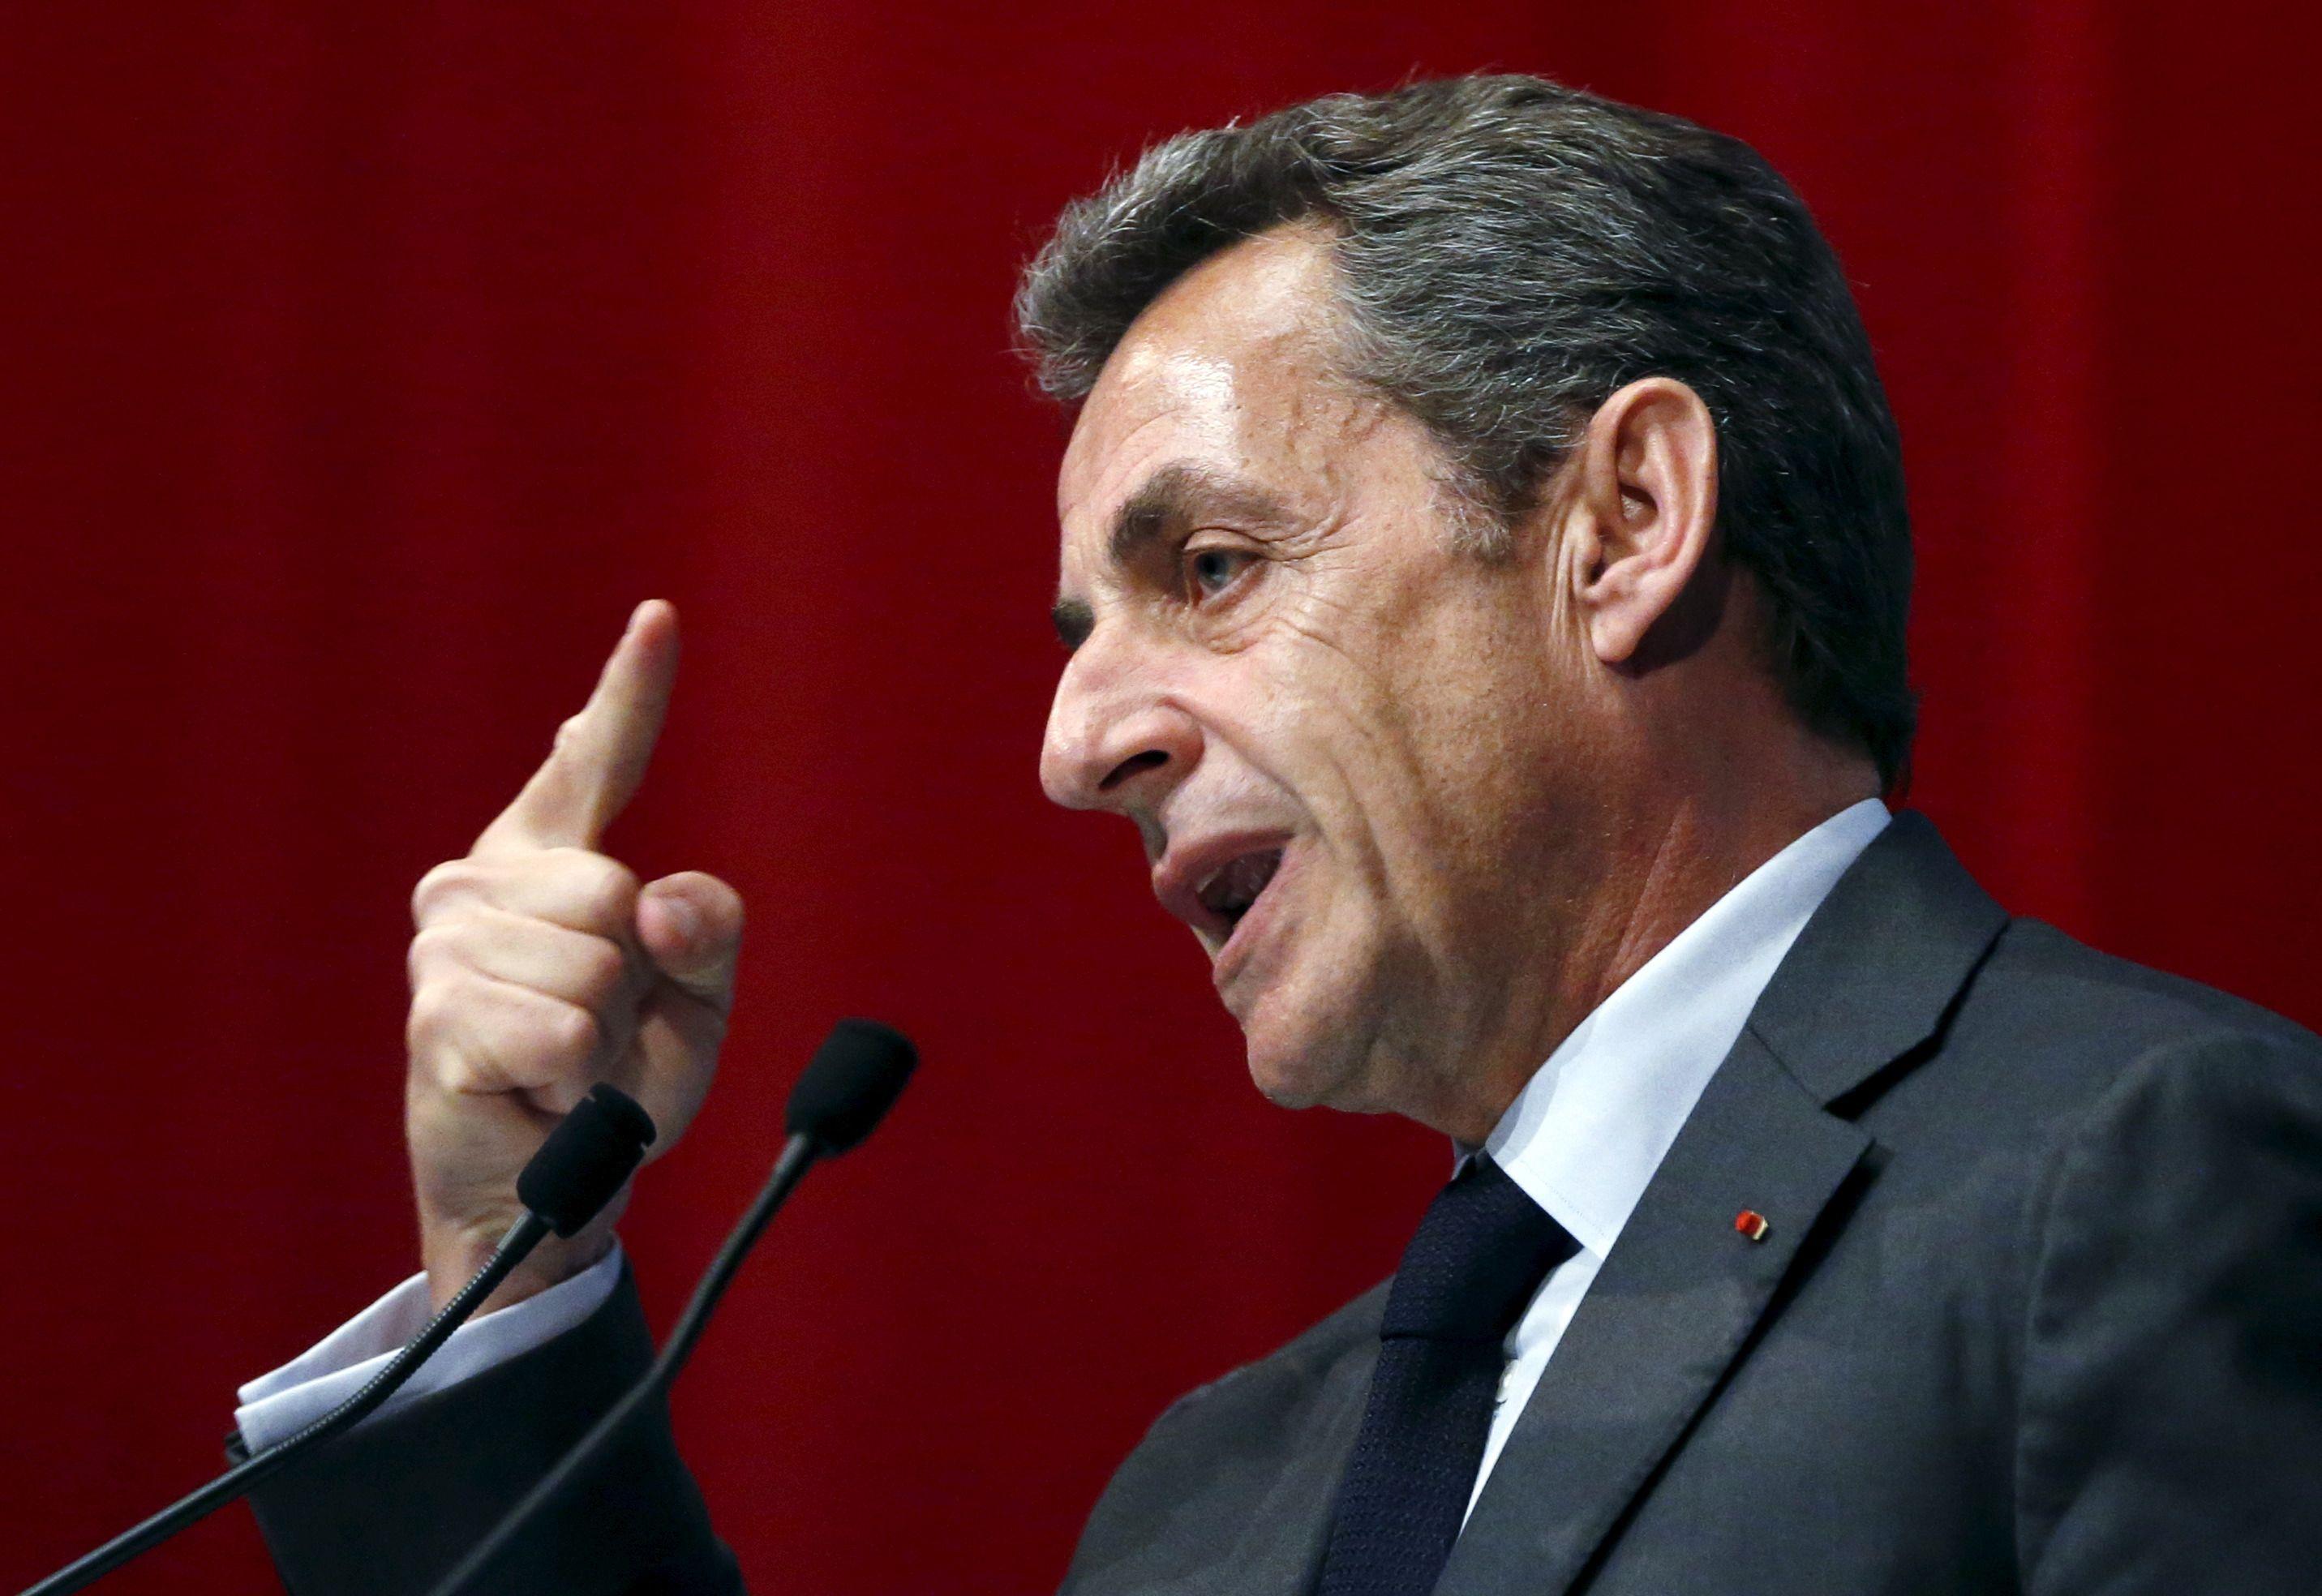 Quand Sarkozy se déchaîne sur Trump... après s'être inspiré de lui